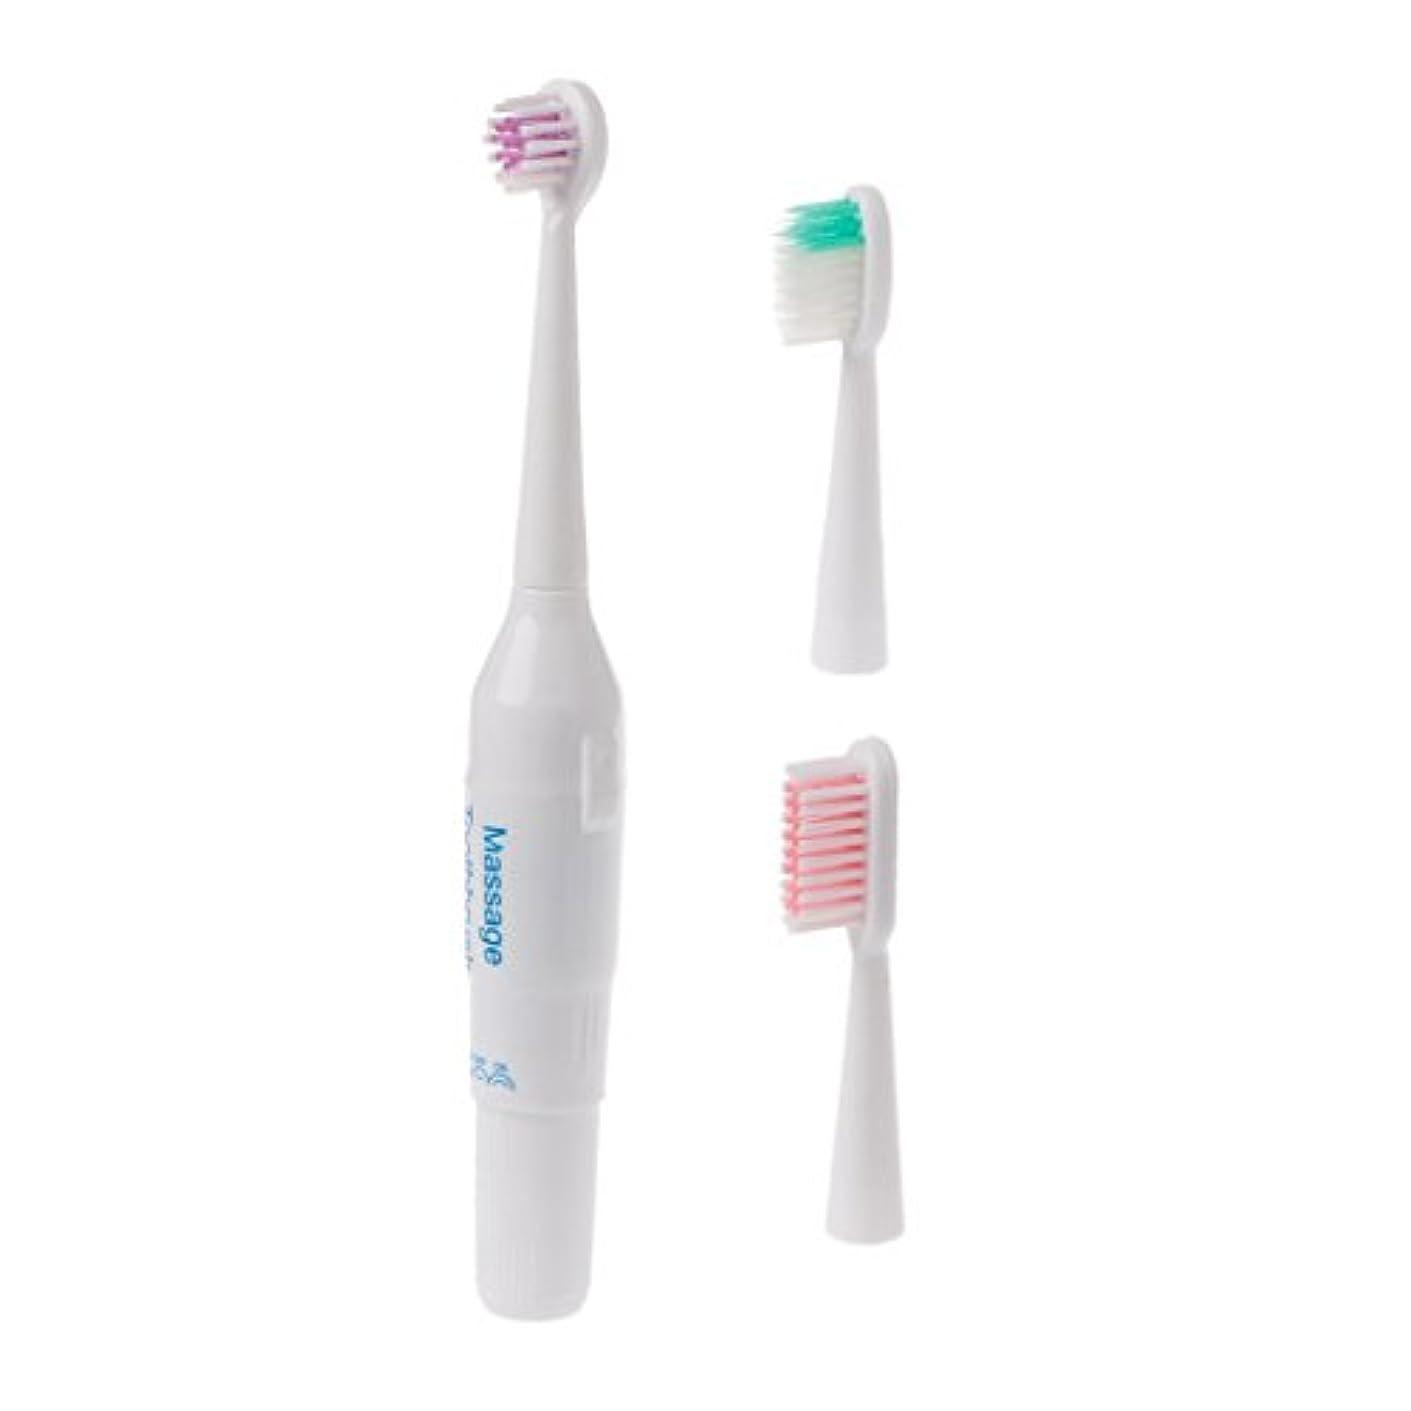 引用フェザー変位Manyao キッズプロフェッショナル口腔ケアクリーン電気歯ブラシパワーベビー用歯ブラシ